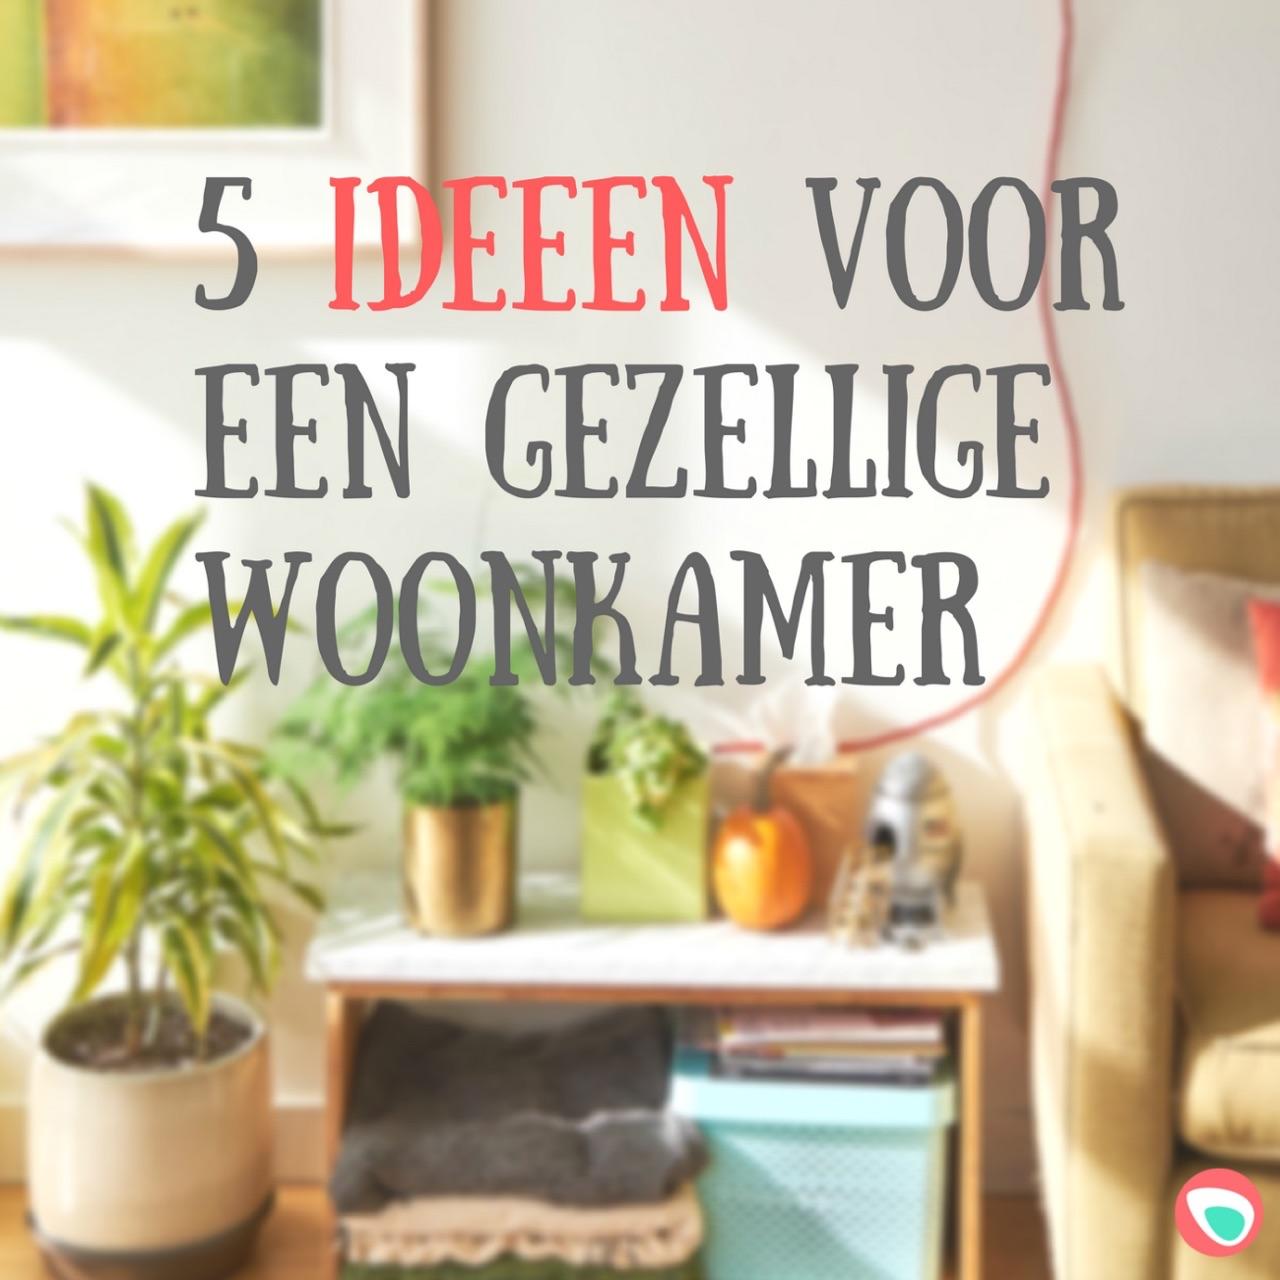 5 ideeën voor een gezellige woonkamer - Leukegeit